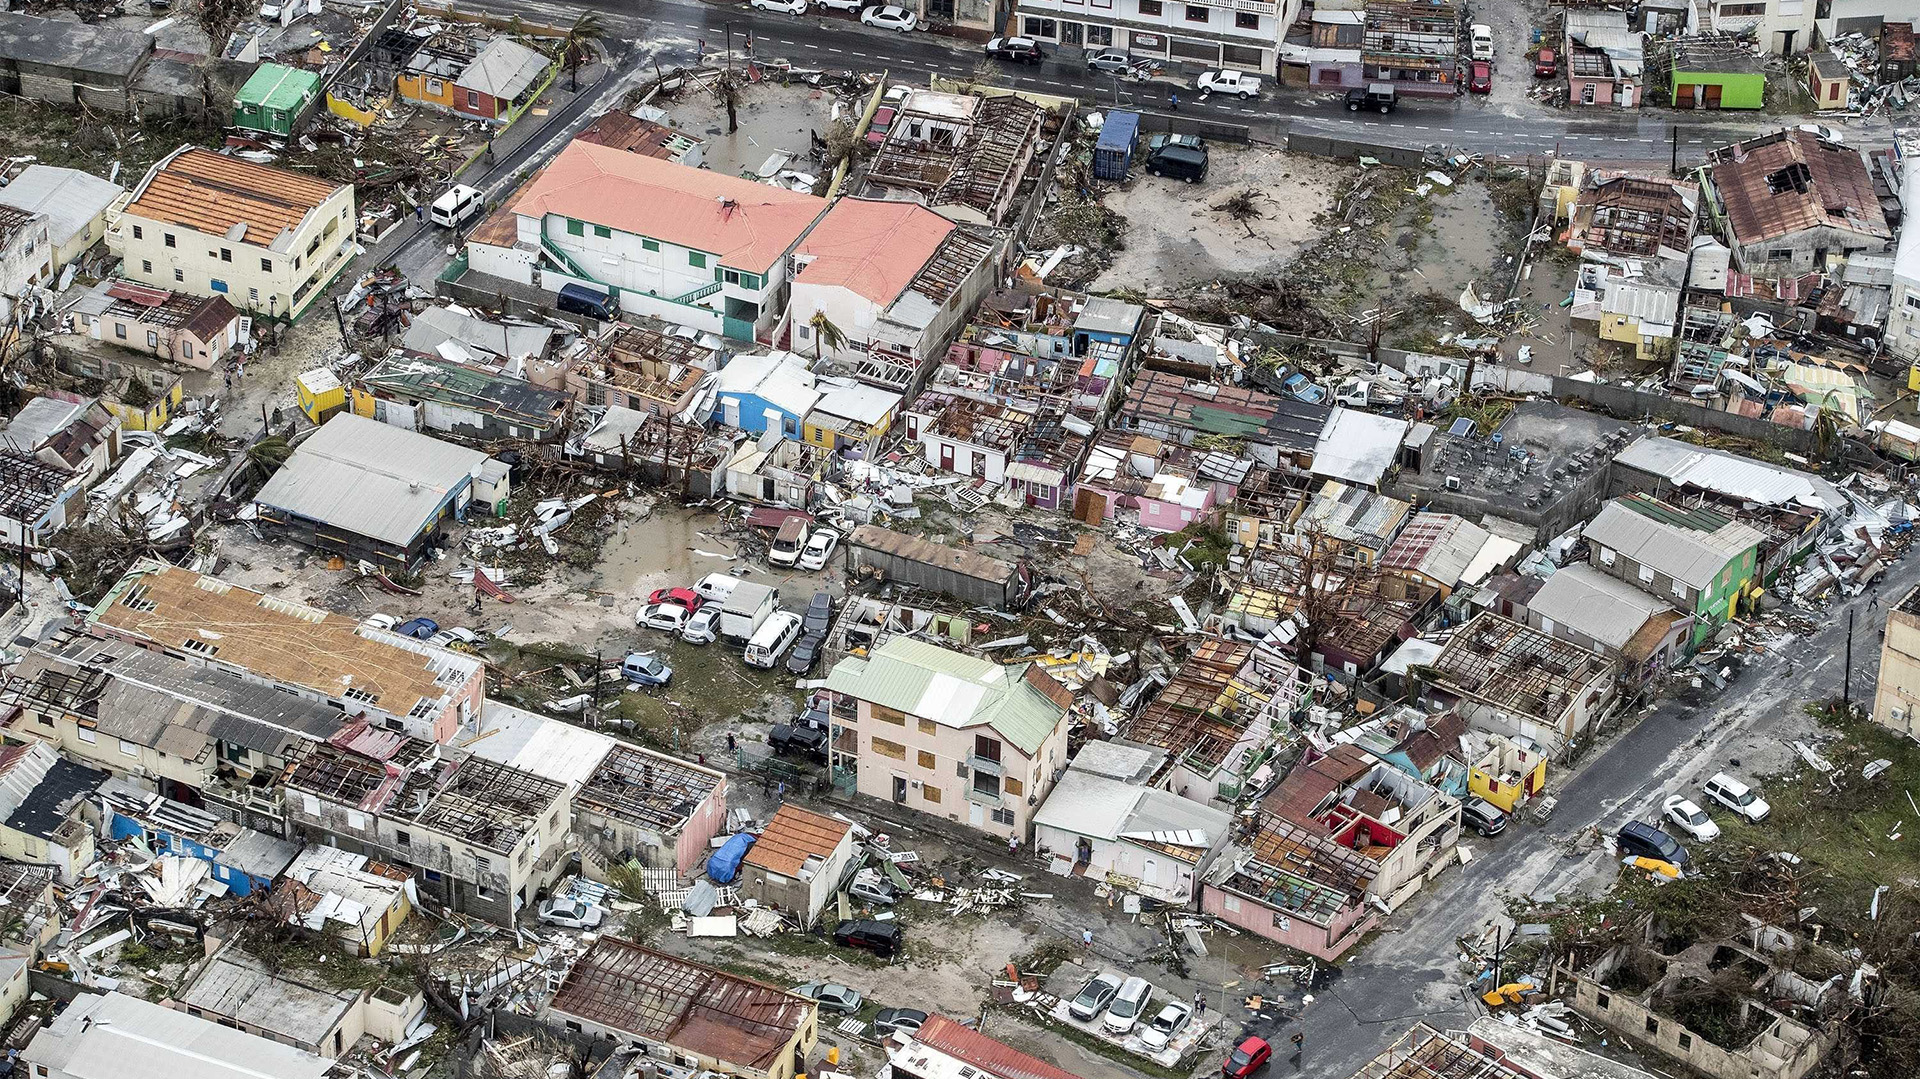 Vista aérea de los daños causados por el huracán Irma a su paso por Philipsburg, en la isla de San Martin (EFE)